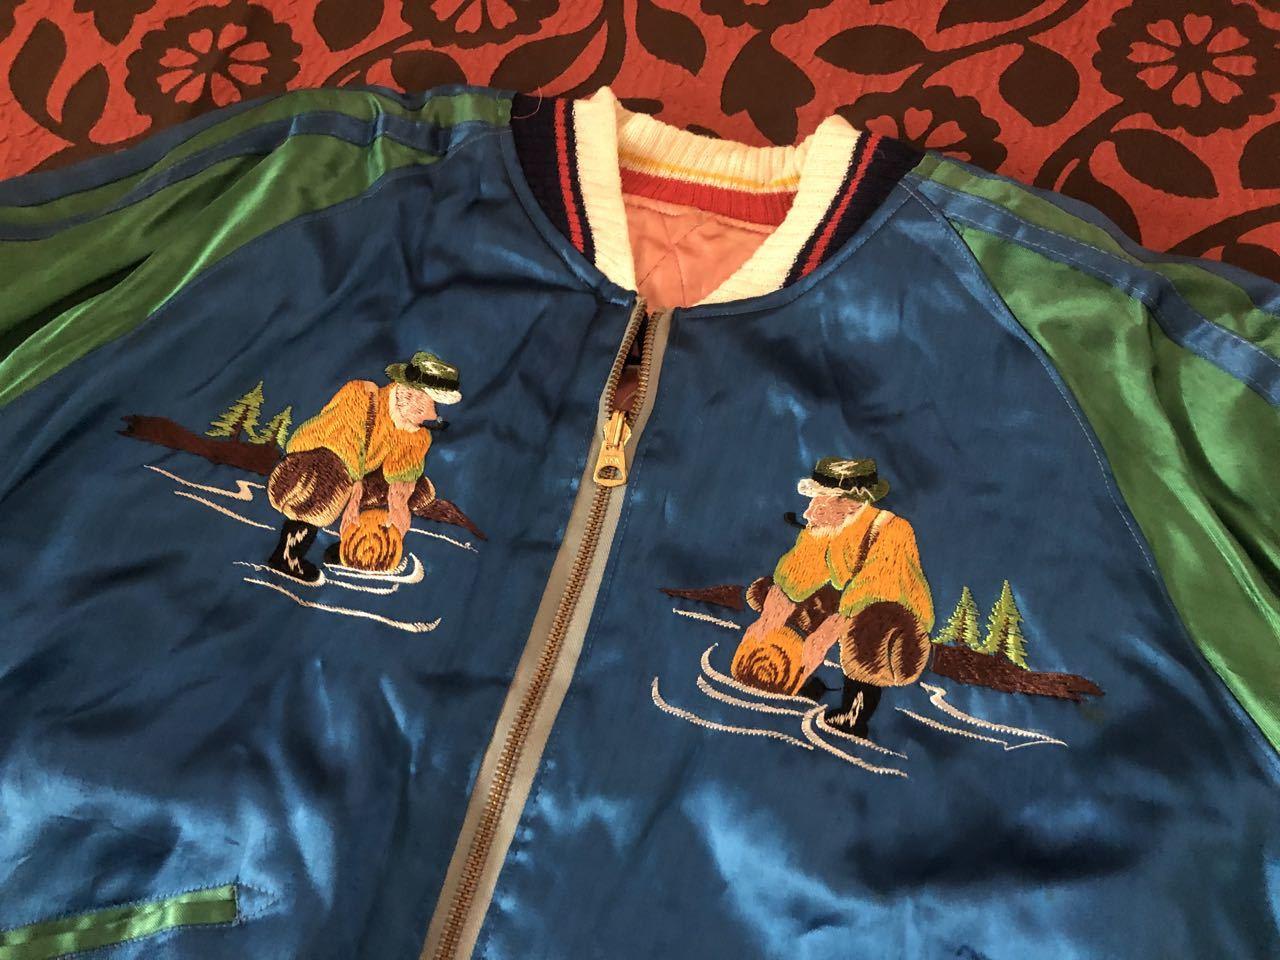 アメリカ仕入れ情報#51 50s ALASKA SOUVENIR ジャケット スカジャン!_c0144020_10015720.jpg